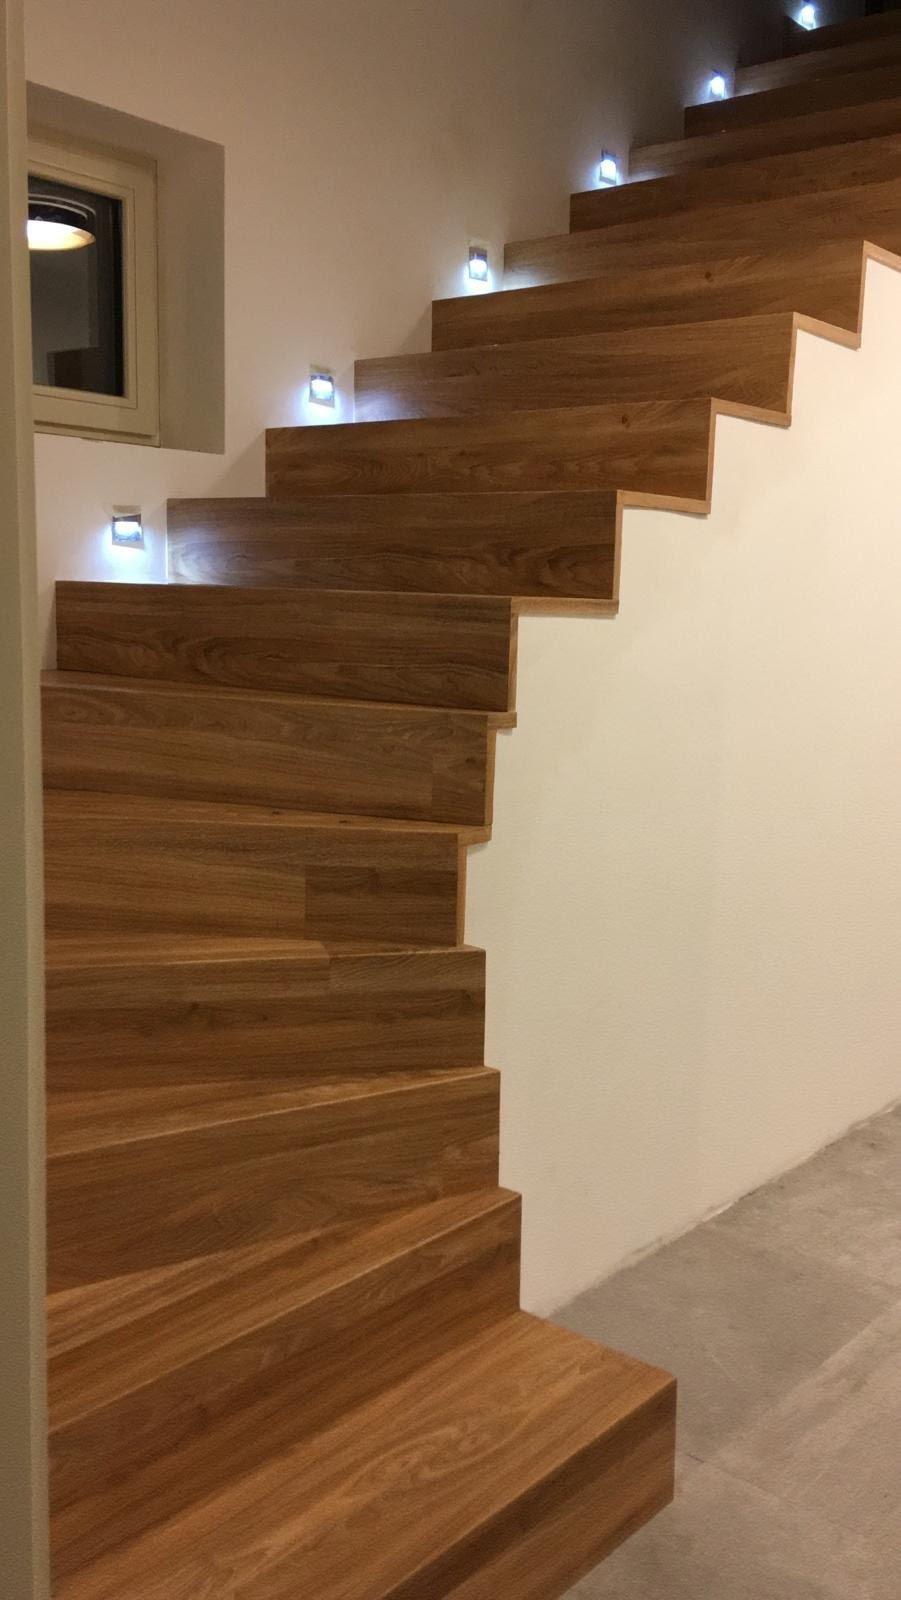 Hrany schodů řešeny ohybem podlahových dílců